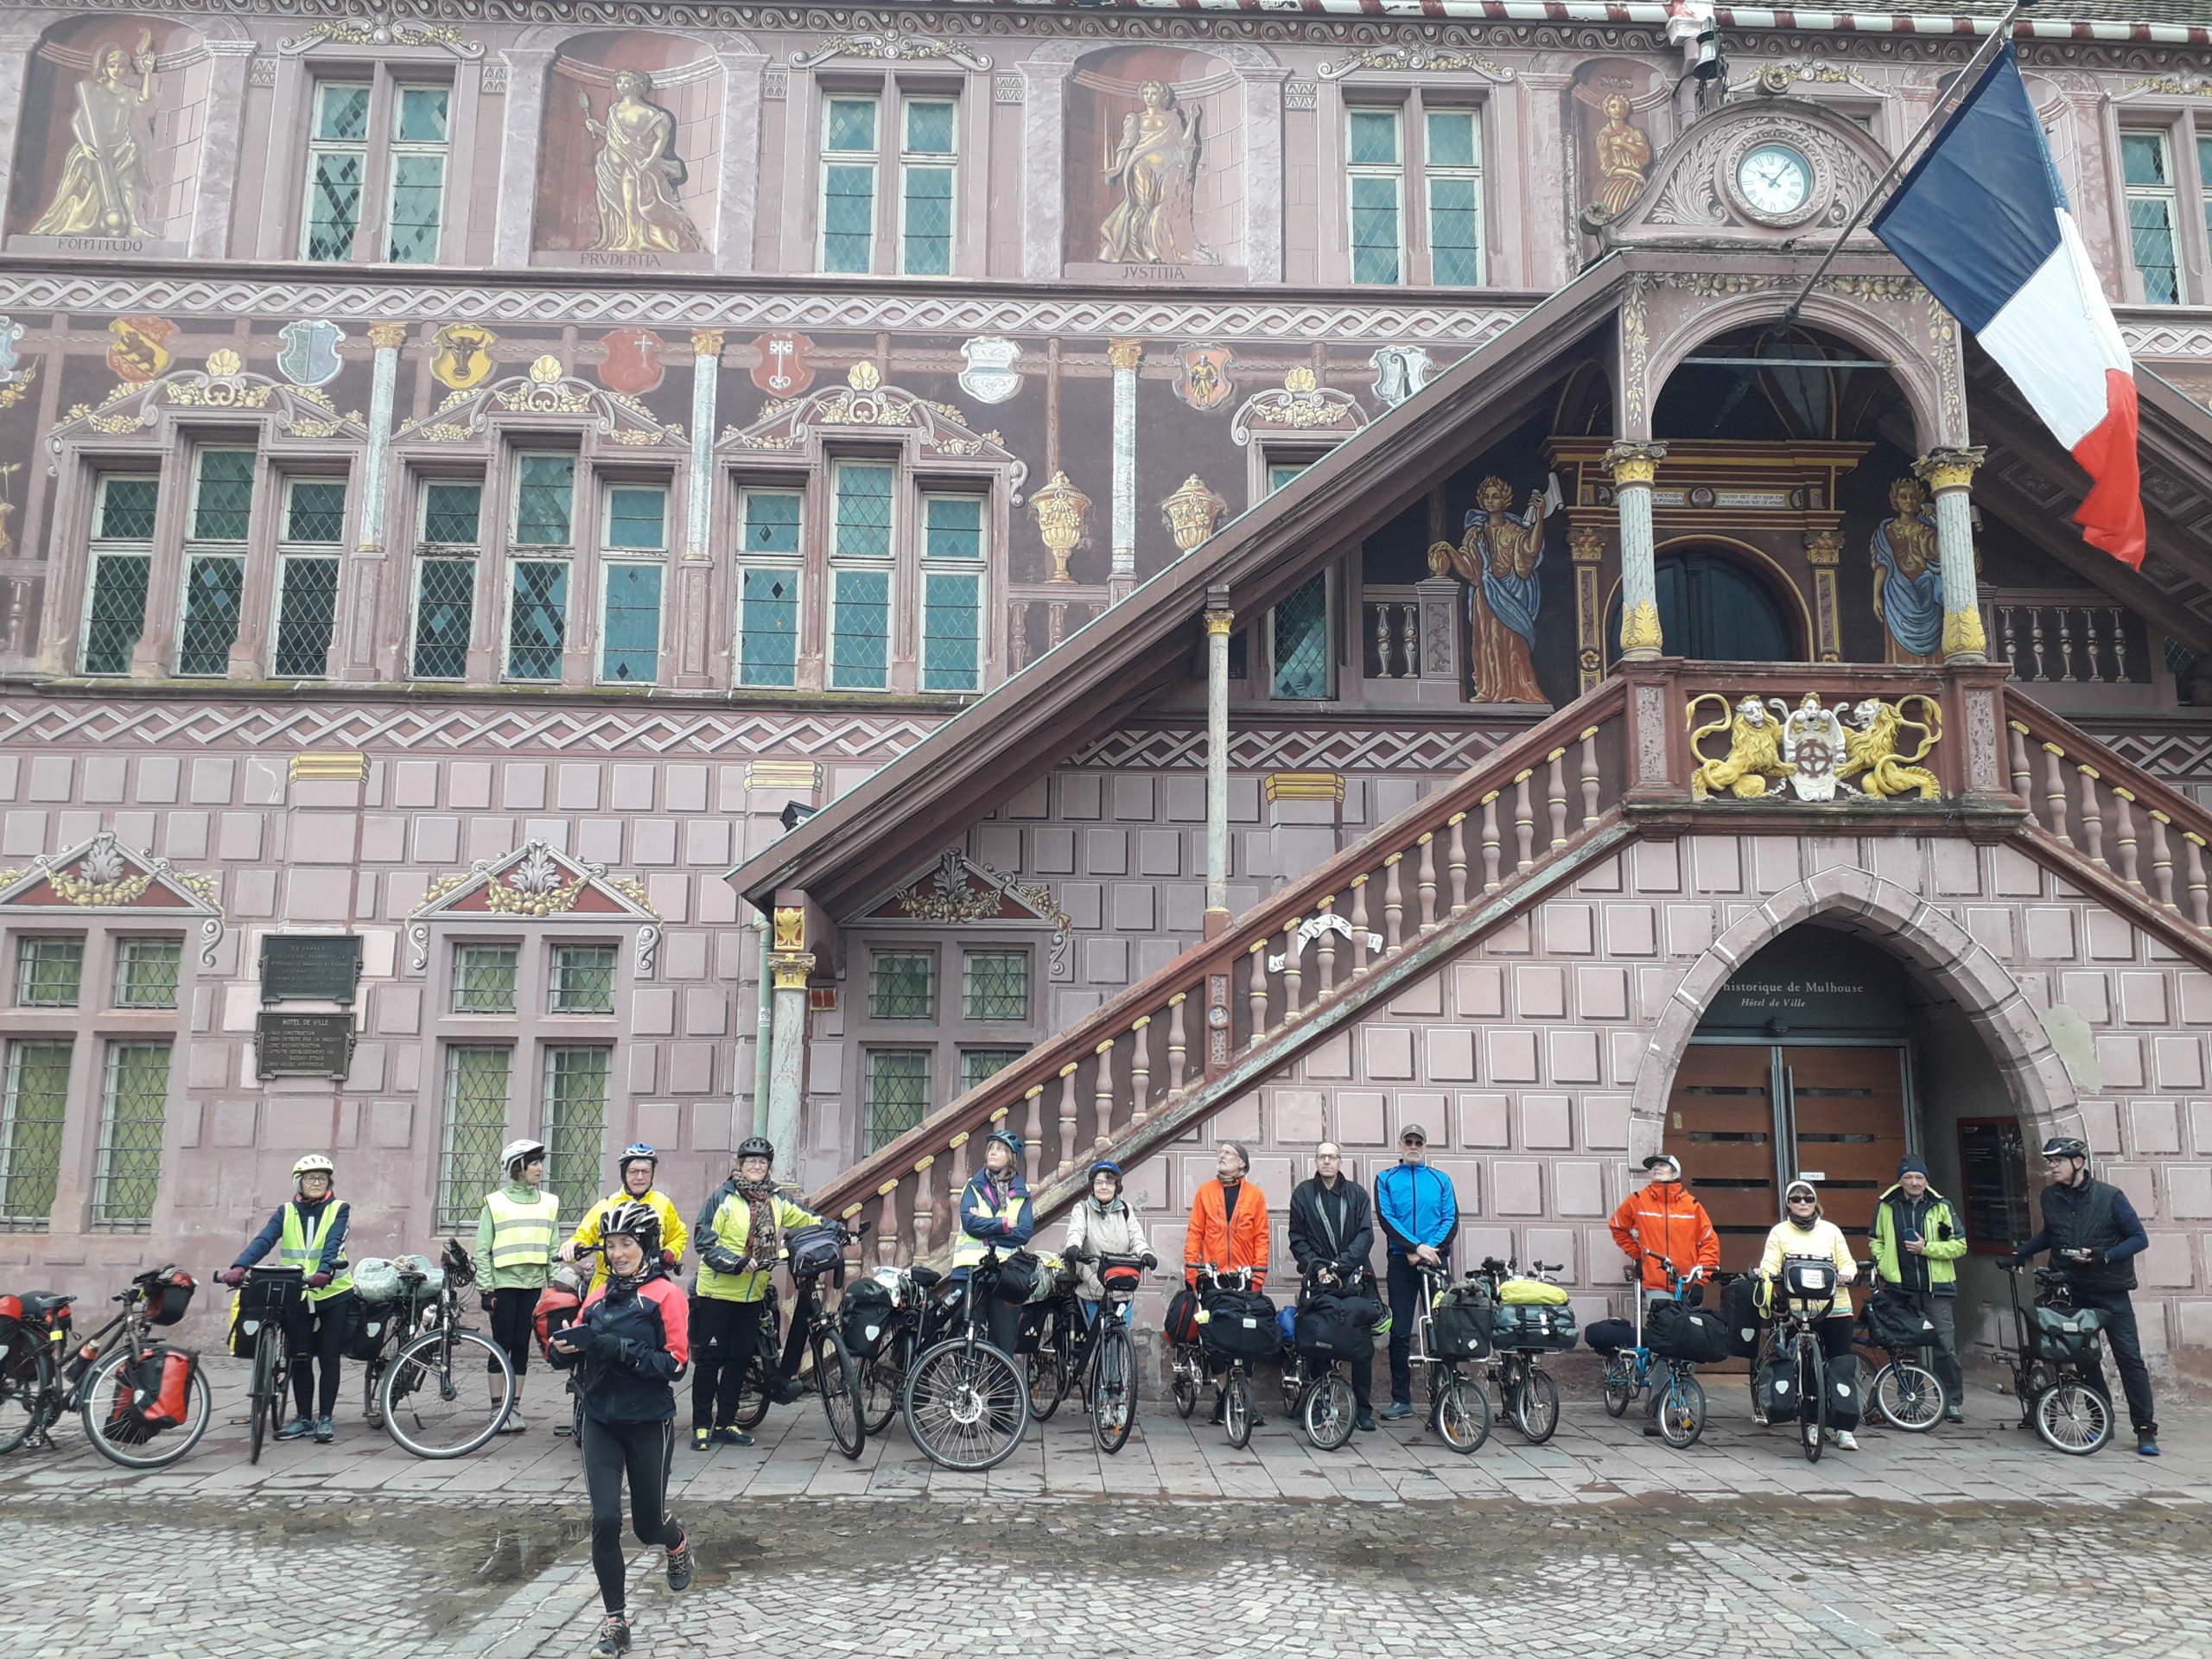 Mulhouse - Budapest sur l'EuroVélo 6 [12 mai au 3 juin 2019] saison 14 •Bƒ   20190551